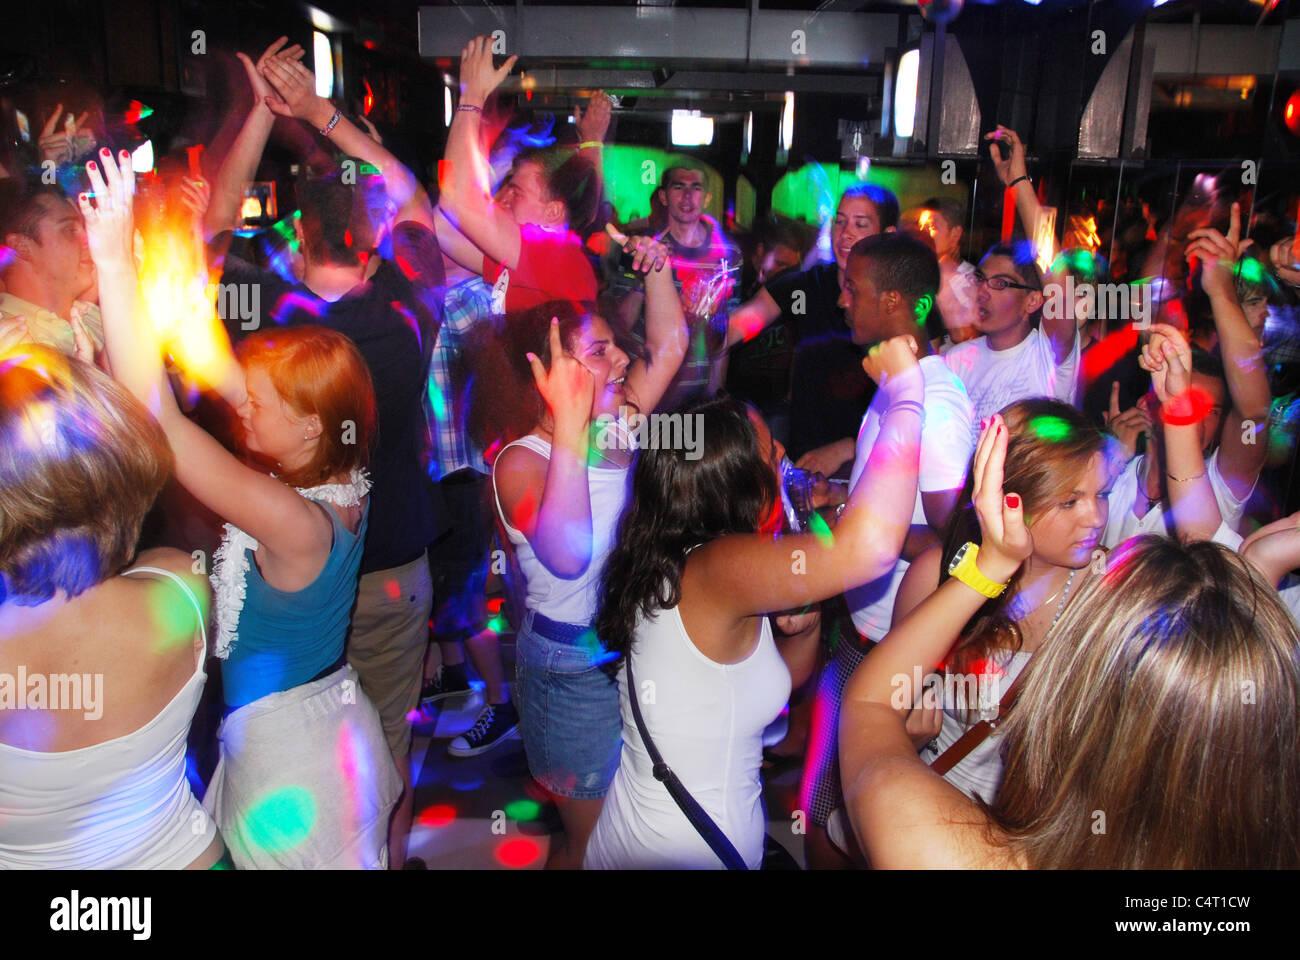 фото девушек в дискотеке